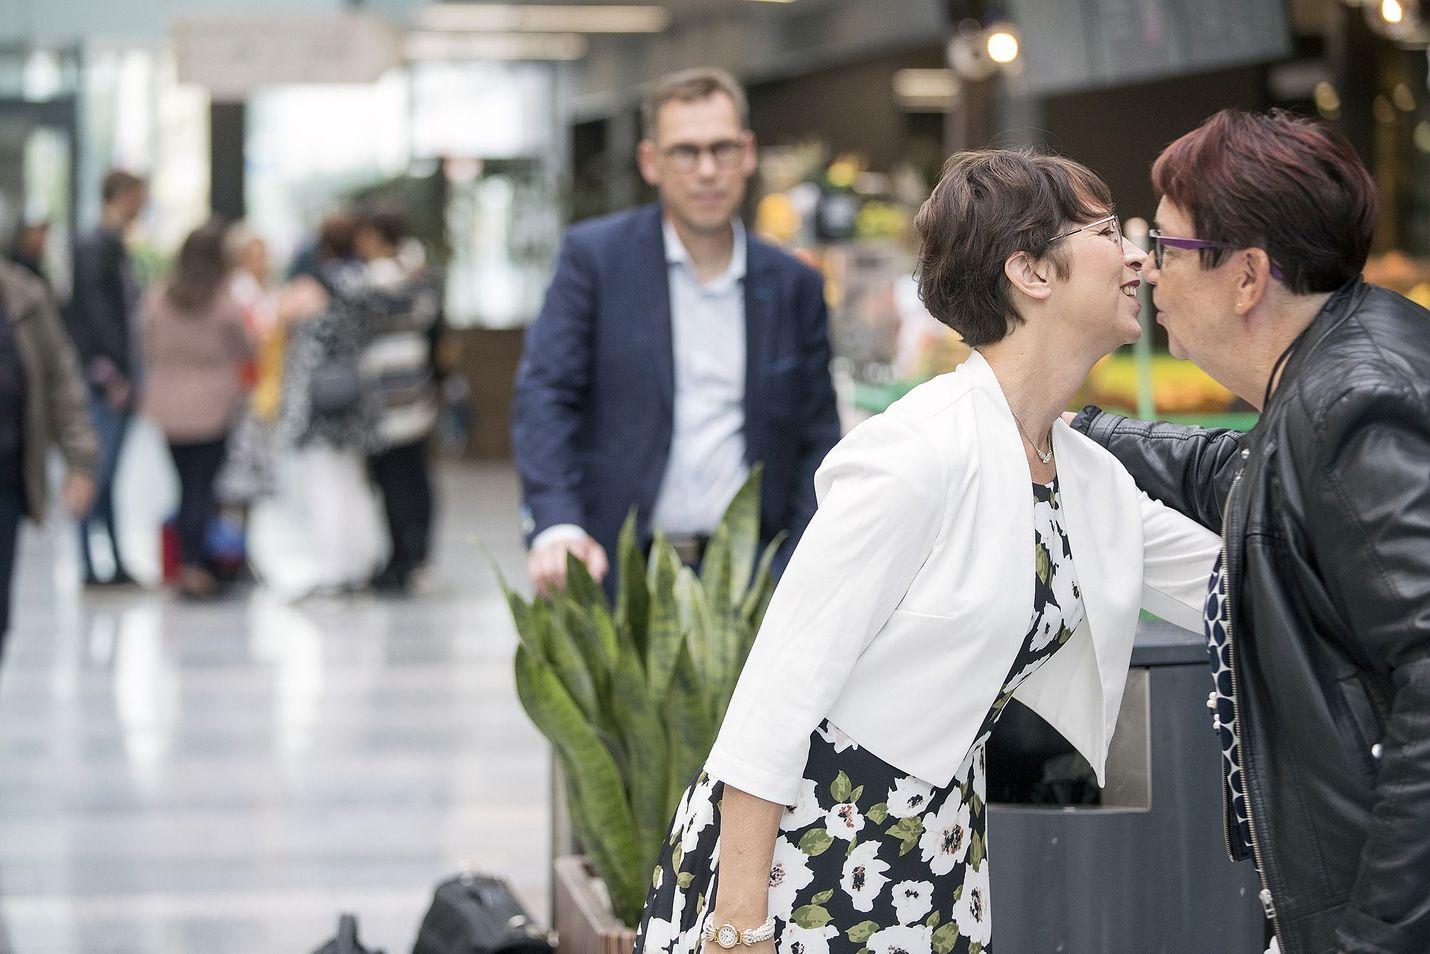 Kristillisten puheenjohtaja Sari Essayah sai halauksen Oulun Valkean kauppakeskuksessa puolueen ensimmäiseltä varapuheenjohtajalta Tiina Tuomelalta.